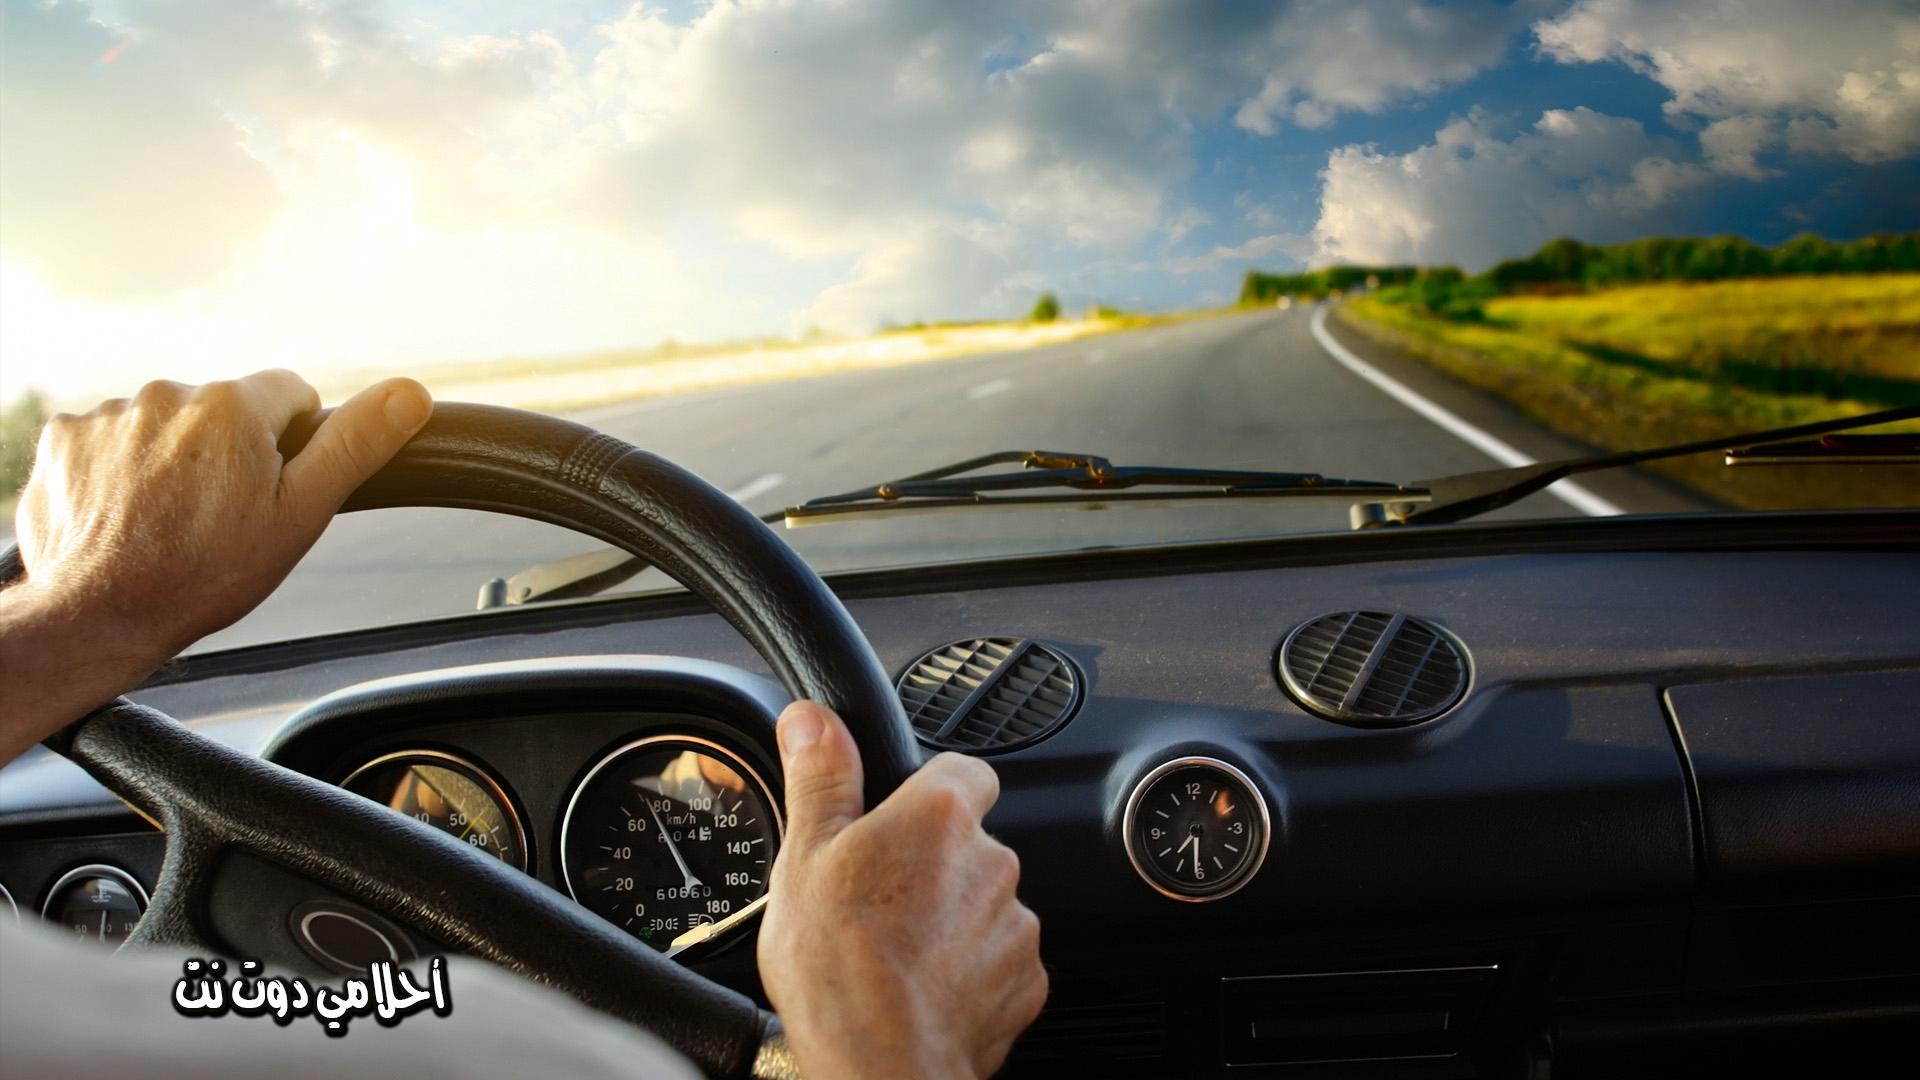 القيادة في النرويج والحصول على رخصة قيادة